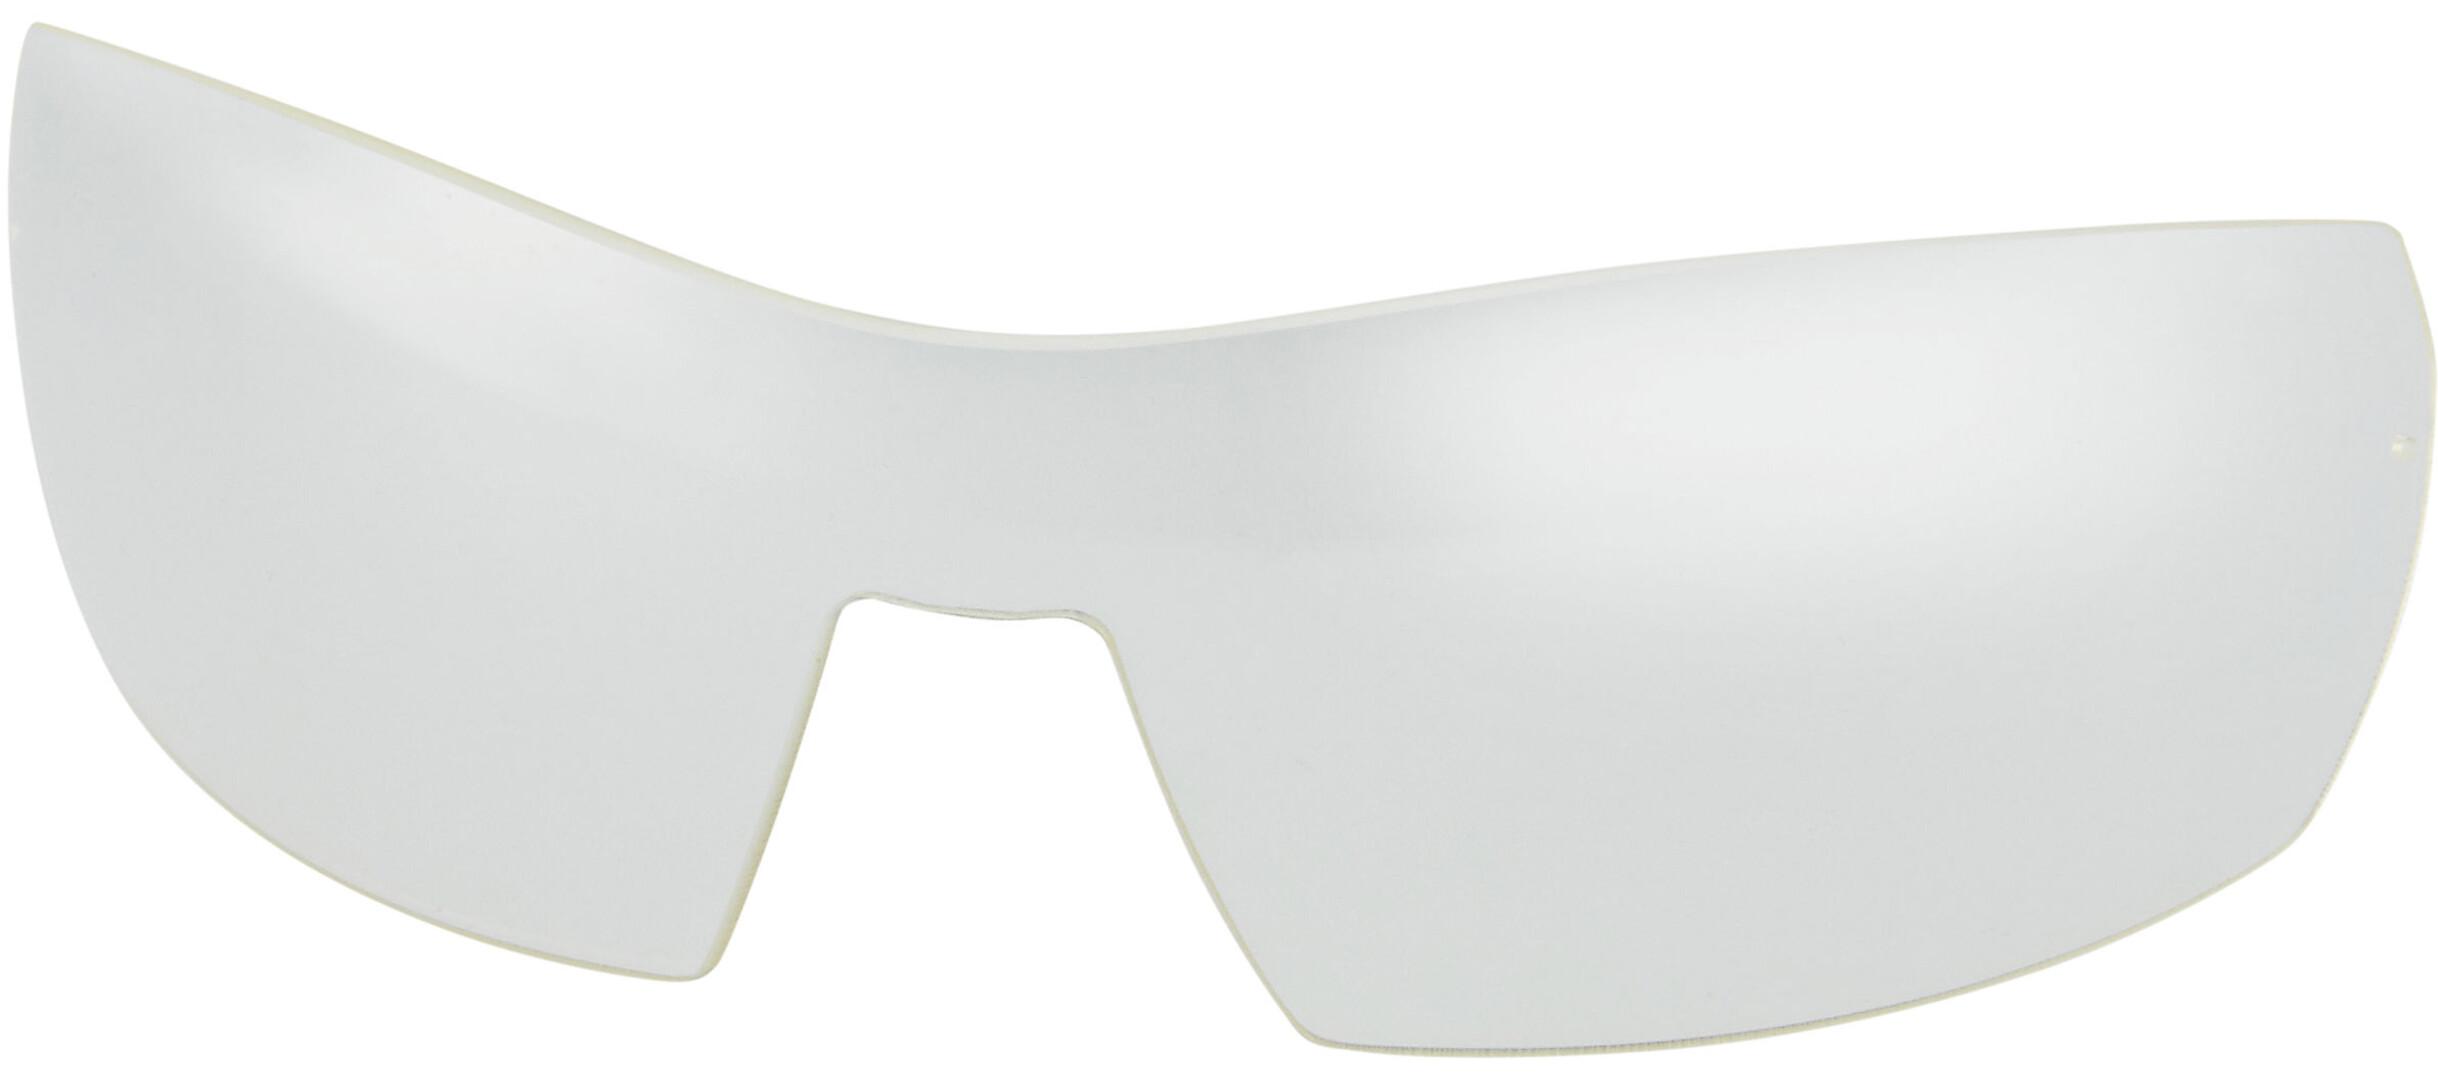 Kask KOO Sonnenbrille inkl. 2 Gläser Superblue und Clear mattschwarz 7eca9a616c